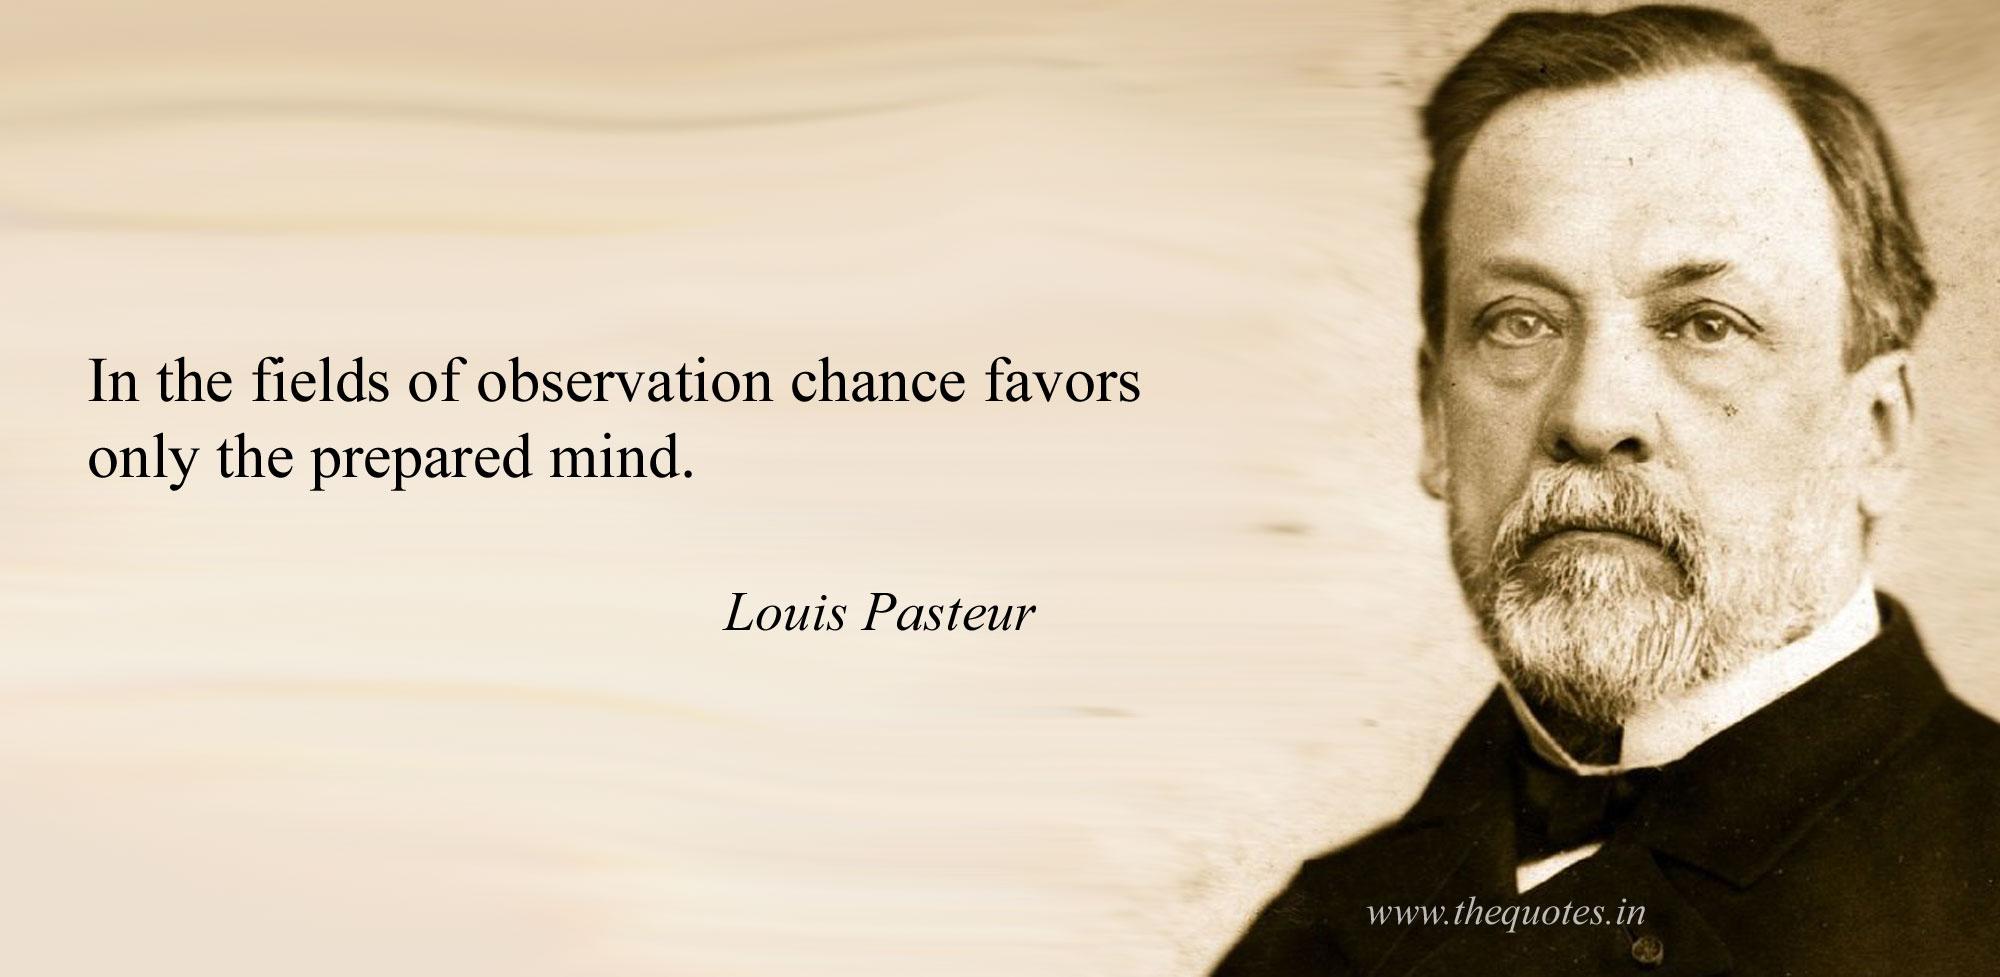 Louis-Pasteur-Quotes-1.jpg